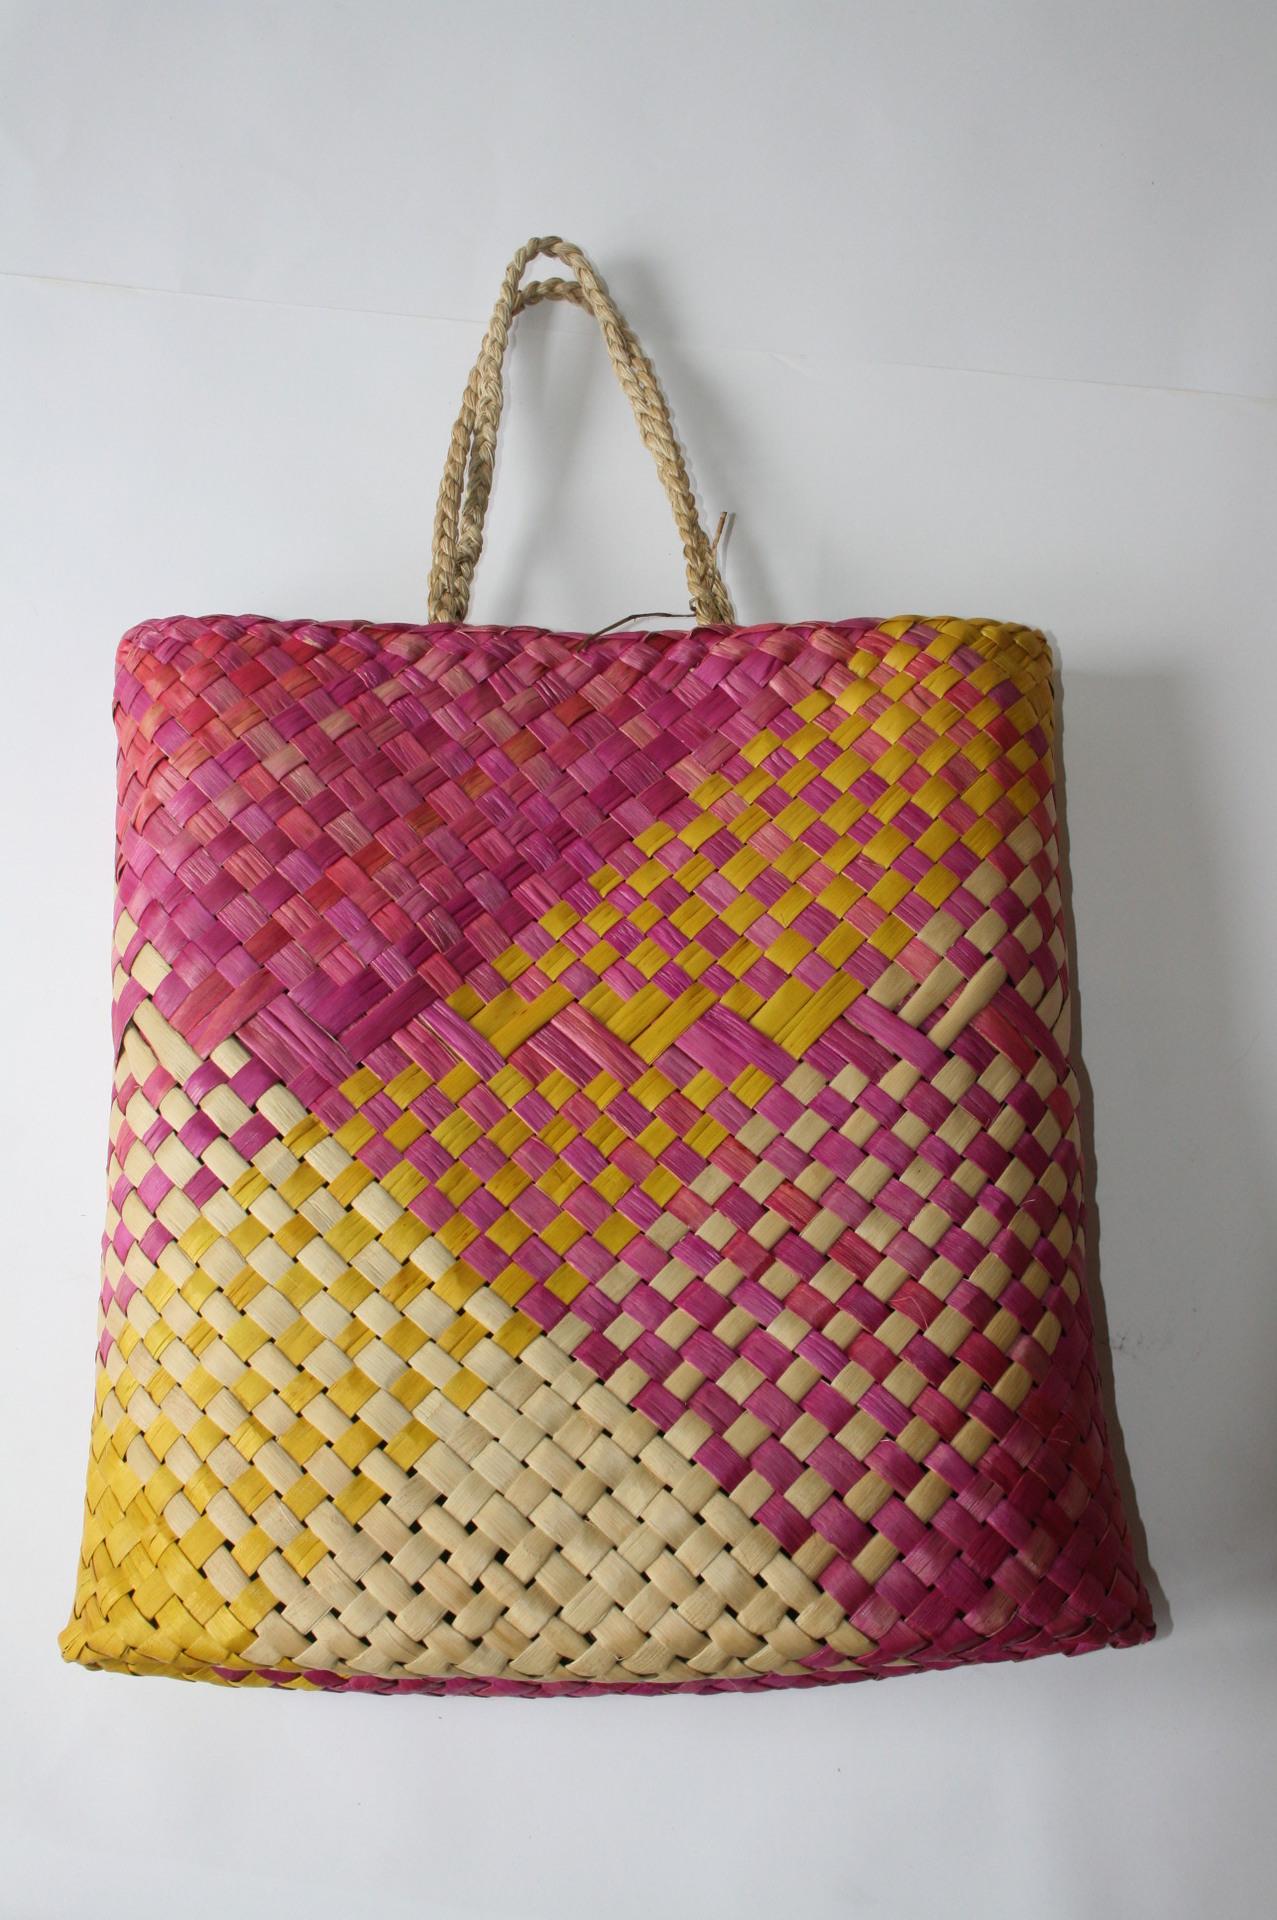 Toniwha Niho Shopper - Magenta, Yellow and Natural